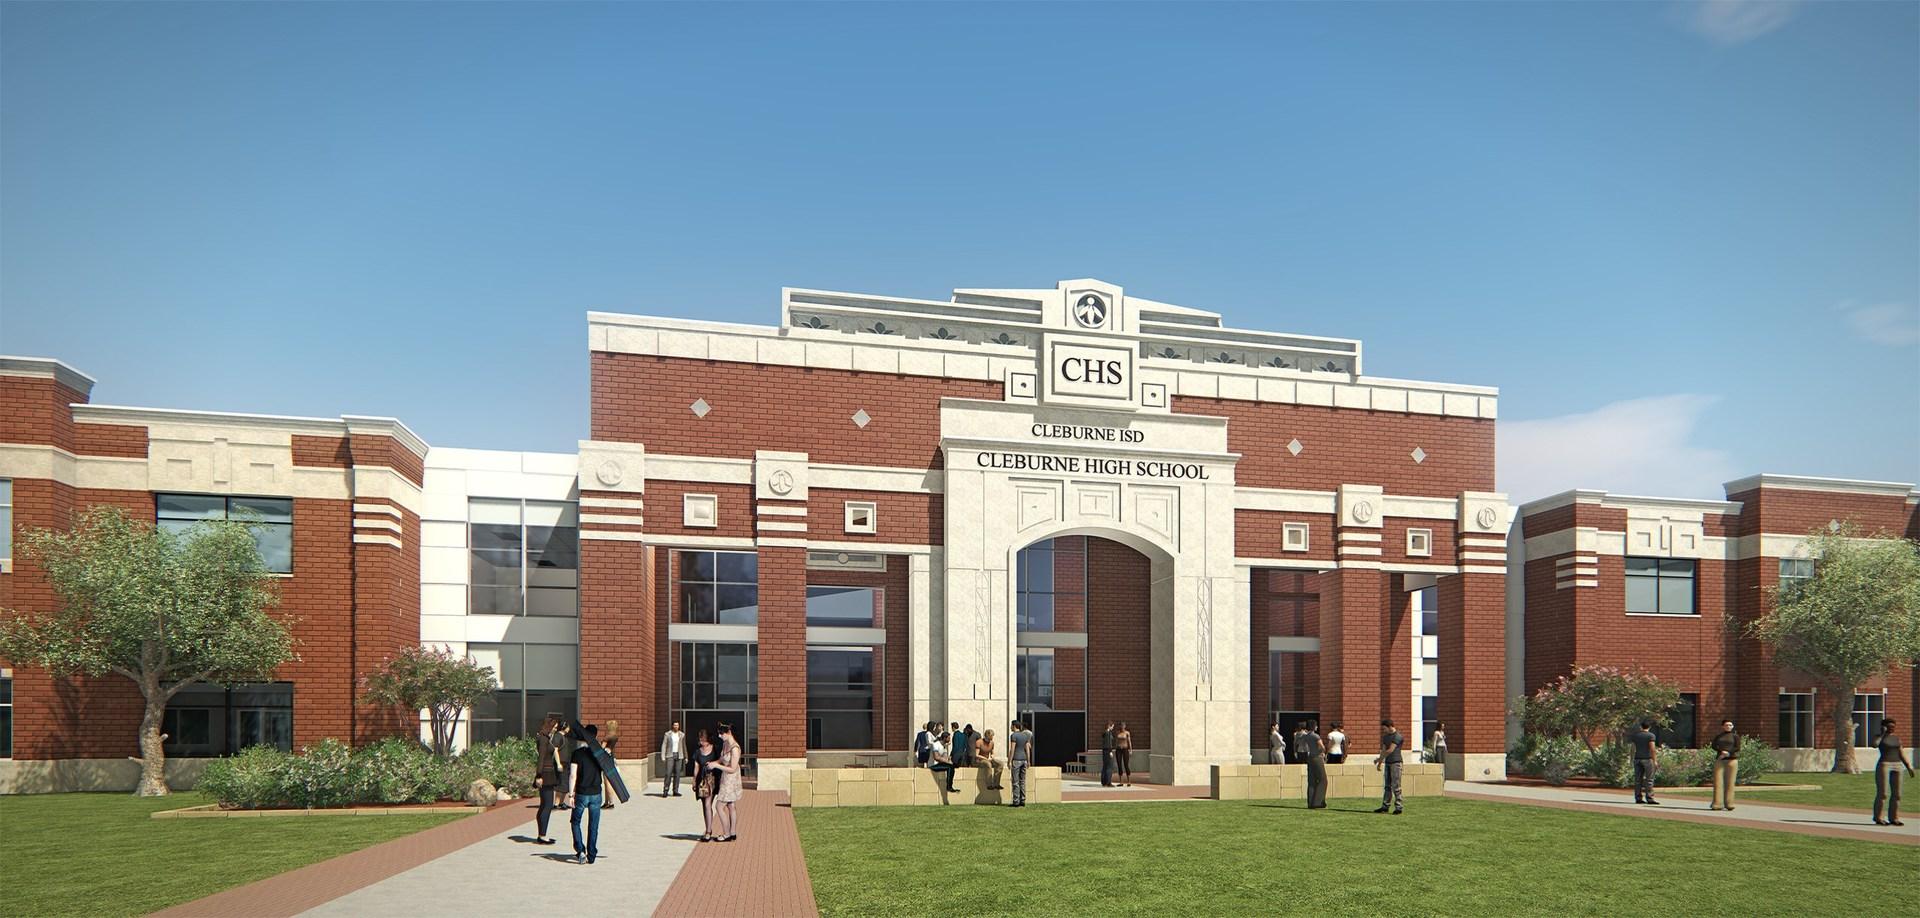 New Cleburne High School